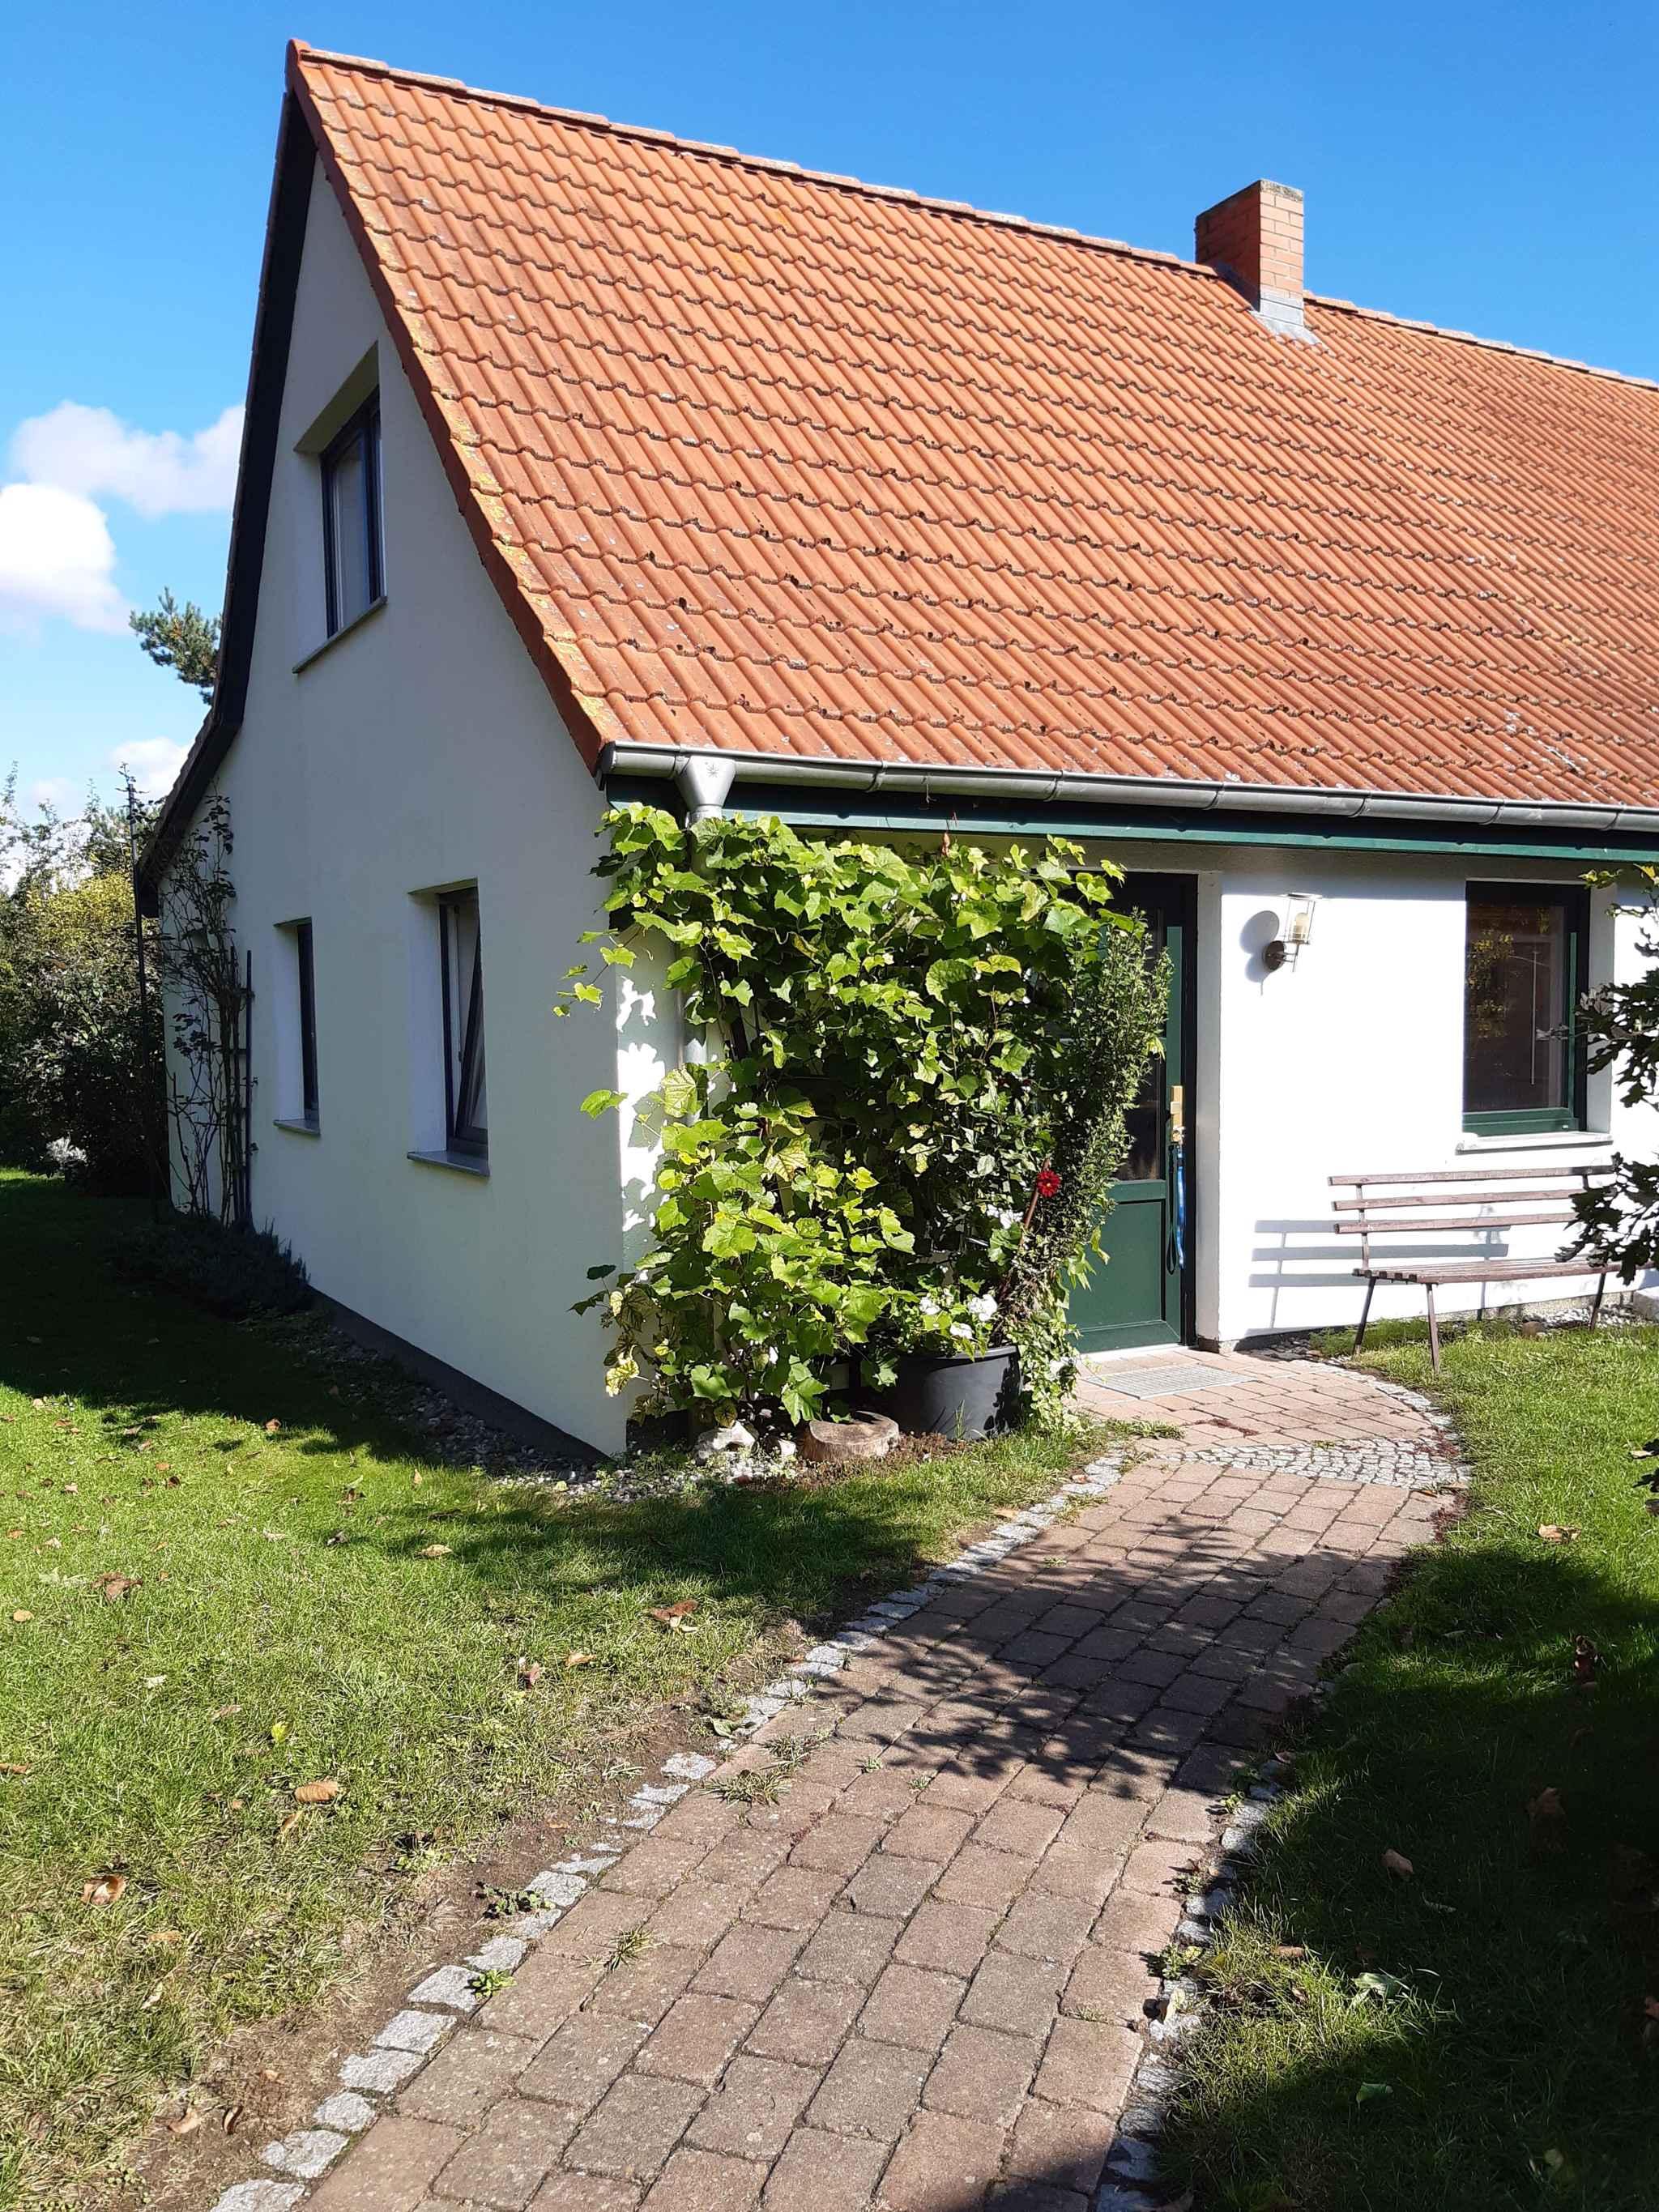 Ferienhaus mit Garten und Terrasse, 800 m zum Strand (314511), Gustow, Rügen, Mecklenburg-Vorpommern, Deutschland, Bild 4